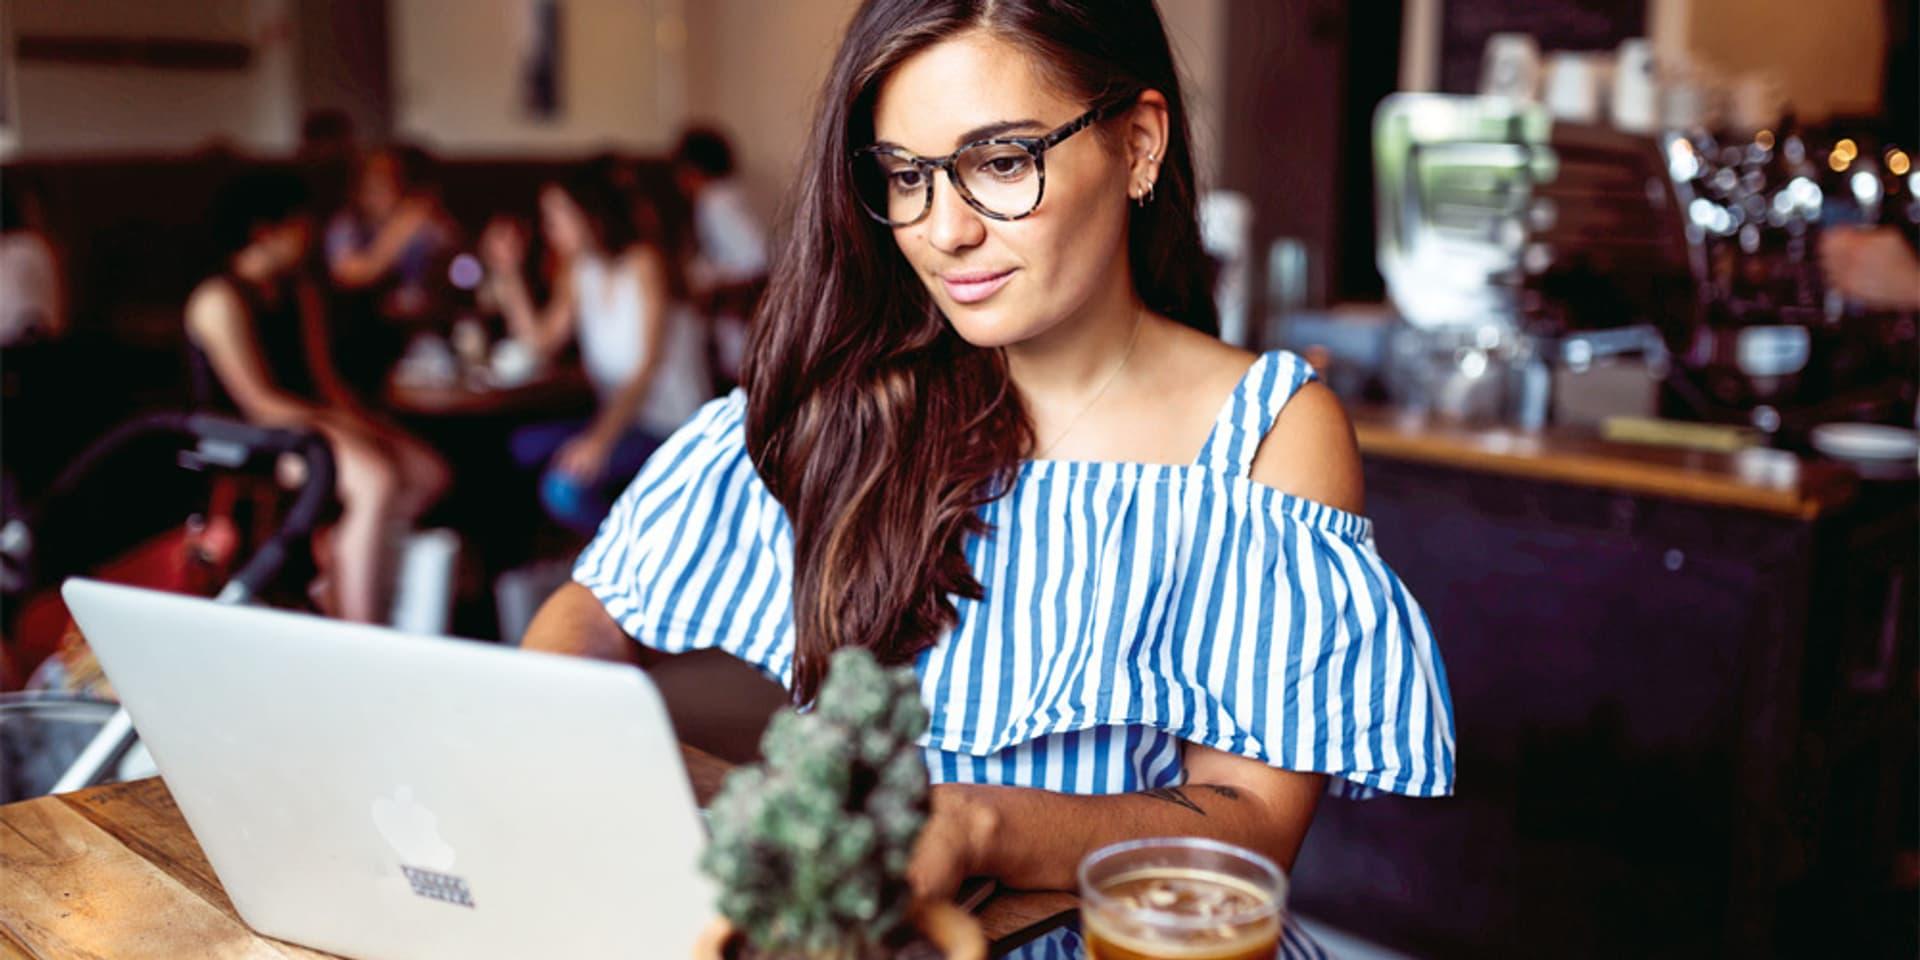 Eine Frau mit langem braunen Haar und dunkler Brille sitzt an ihrem Laptop in einem Café